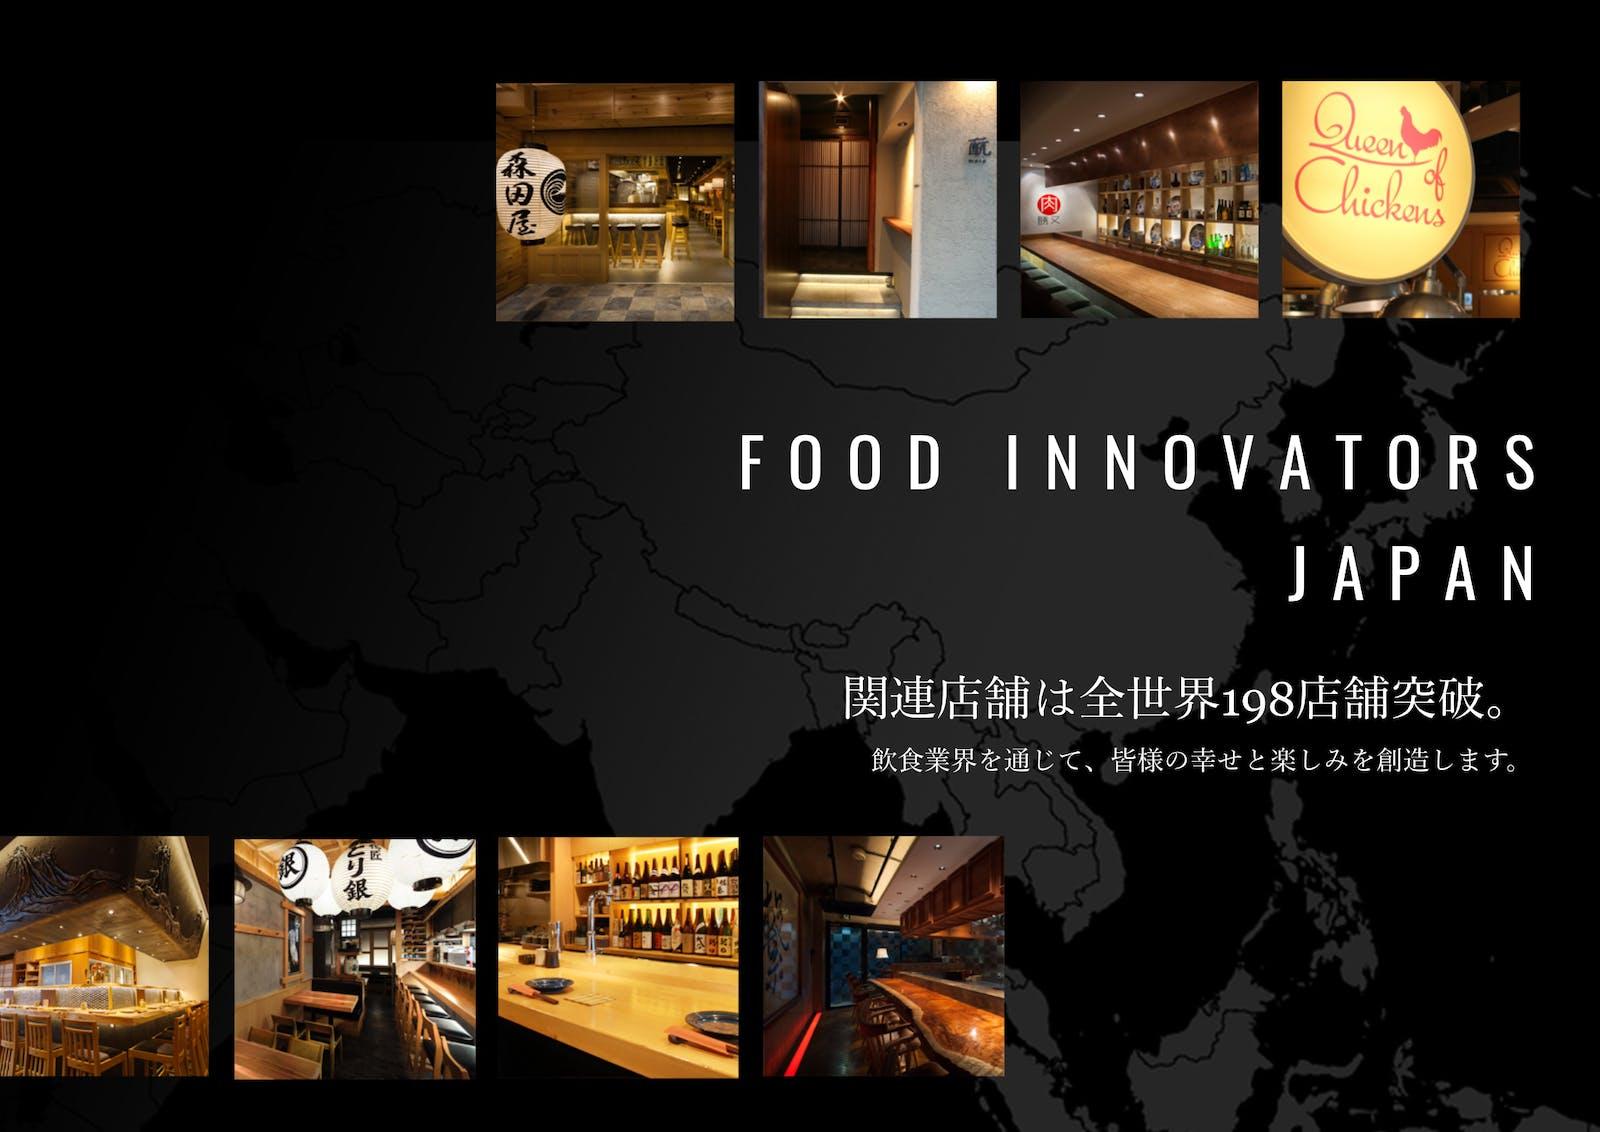 株式会社 Food Innovators Japan フード イノベーターズ ジャパン(略称FIJ)のアイキャッチ画像